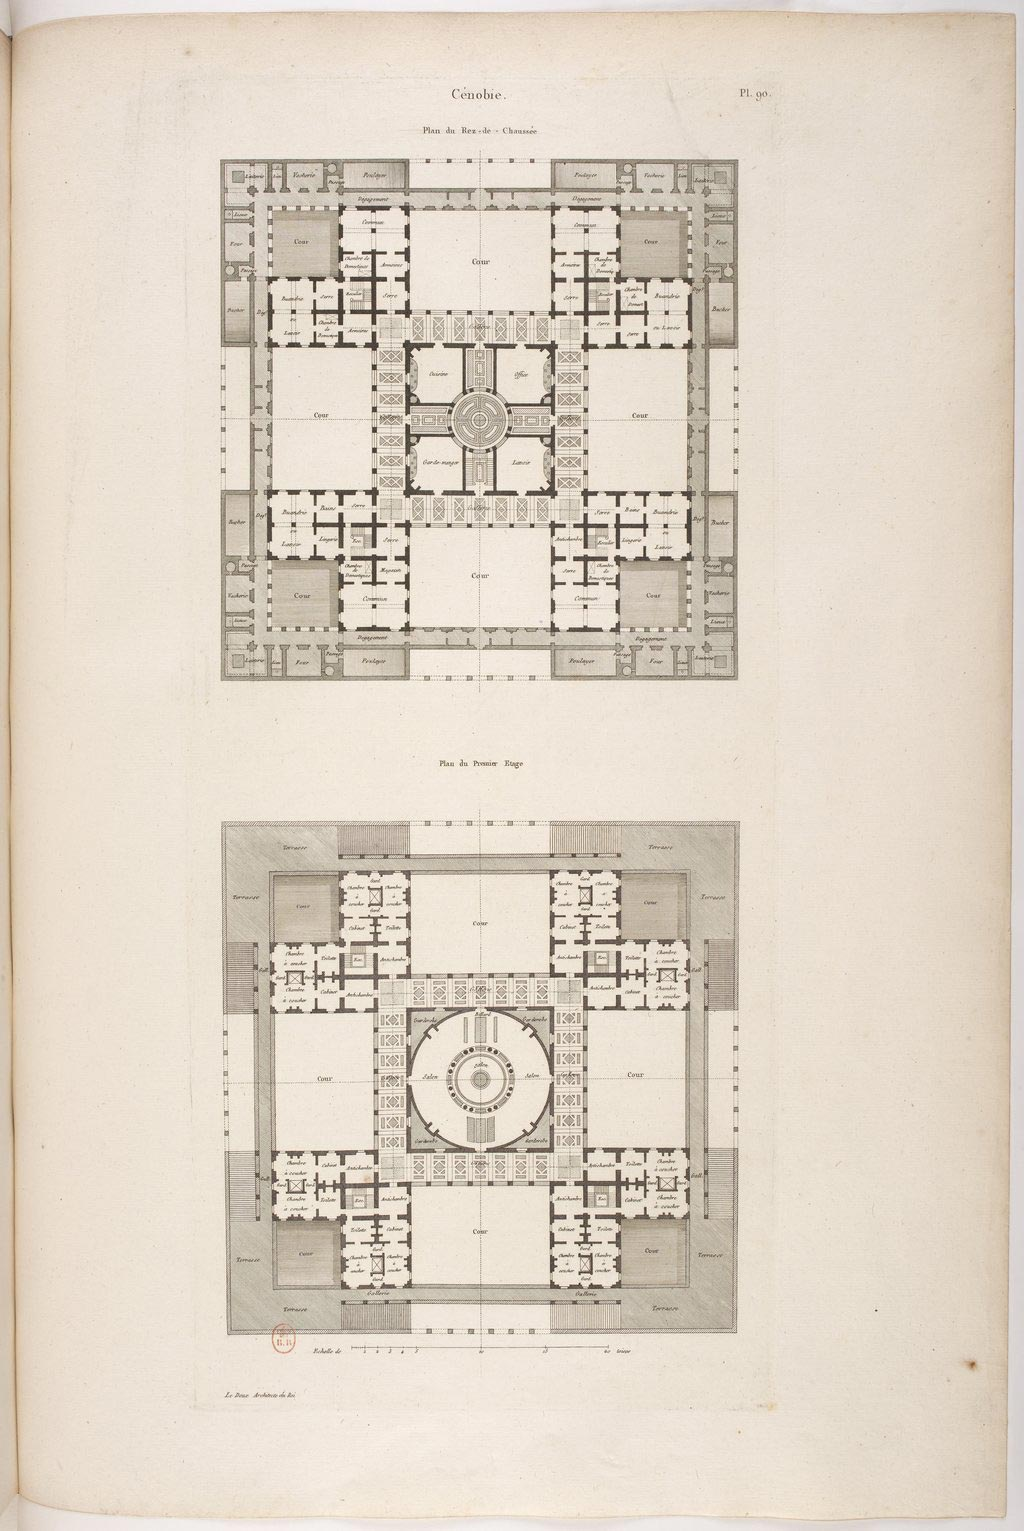 ledoux-claude-architecture-413